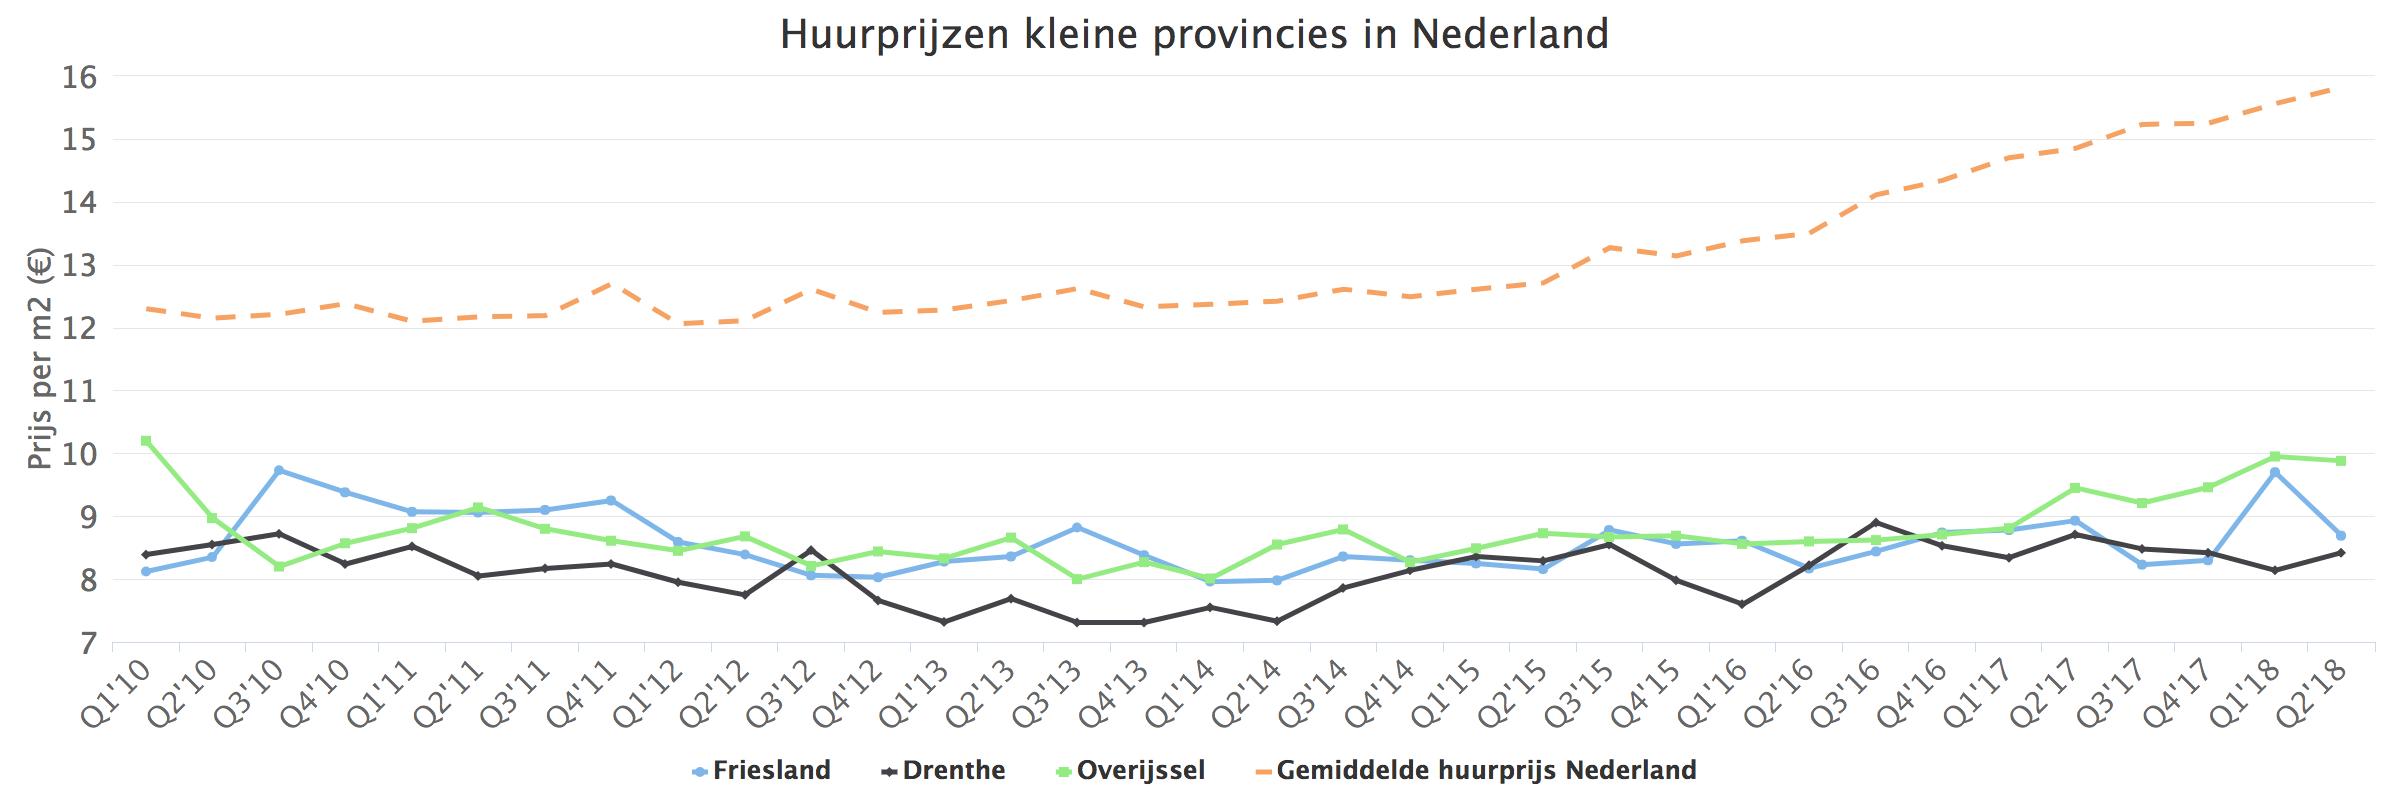 Huurprijzen noordelijke provincies in Nederland